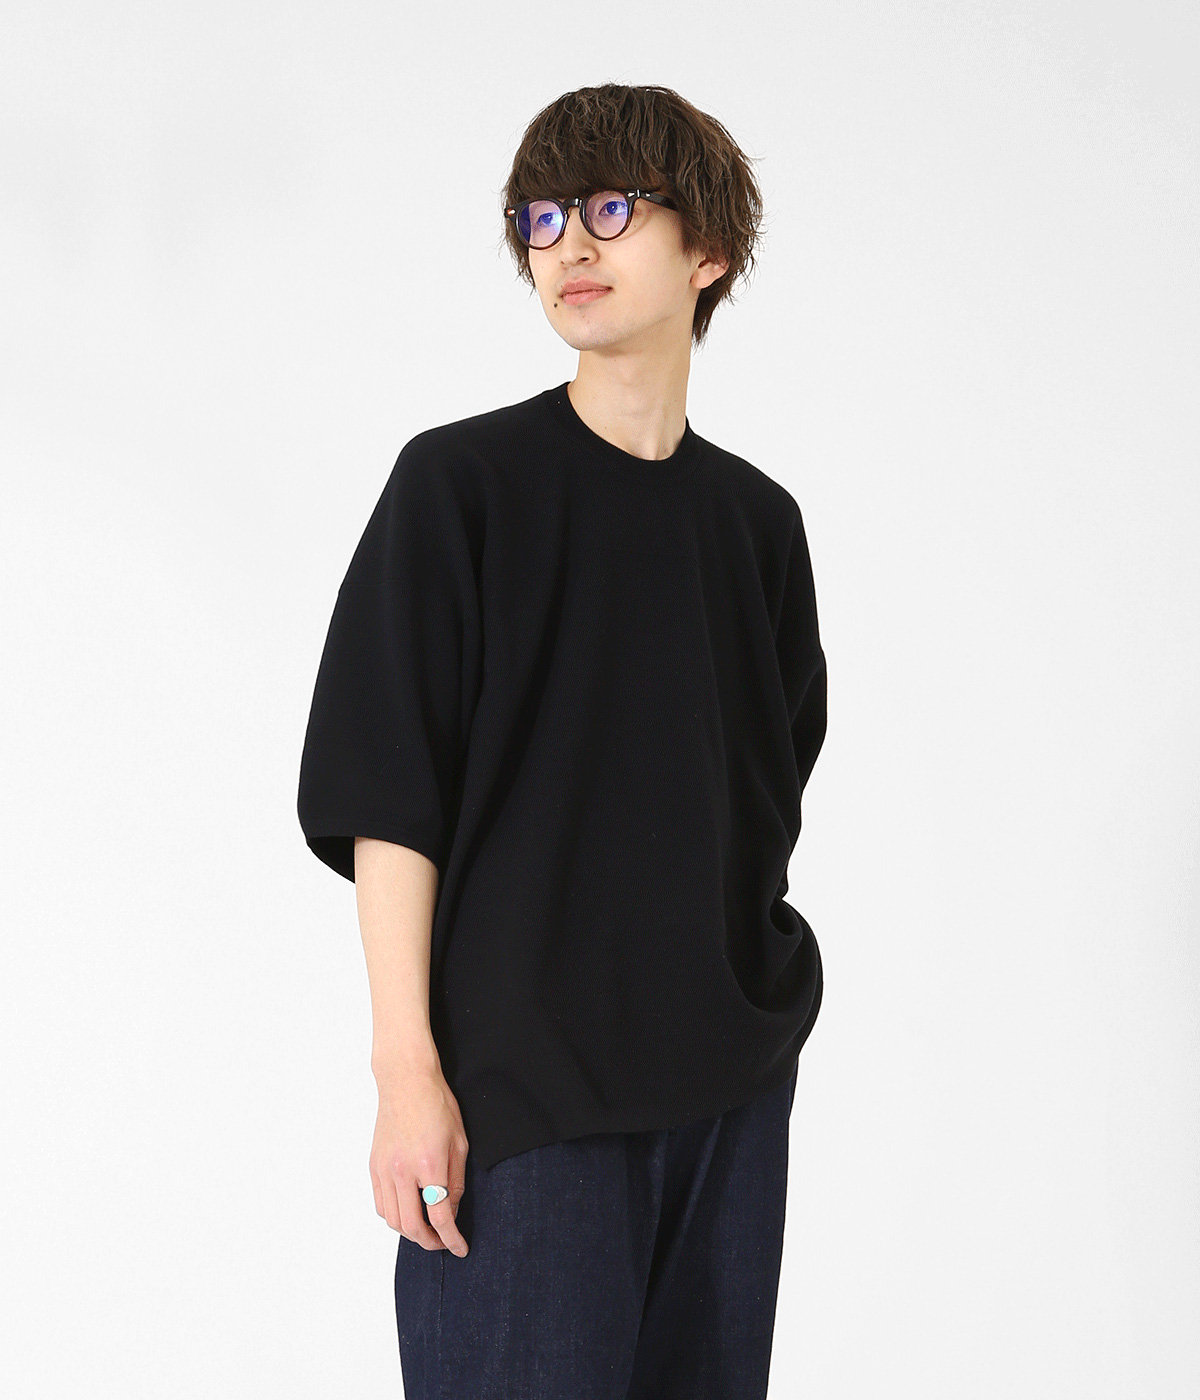 【ブラック】KANZAWA ( 181㎝/60㎏ ):フリーサイズ(ワンサイズ)